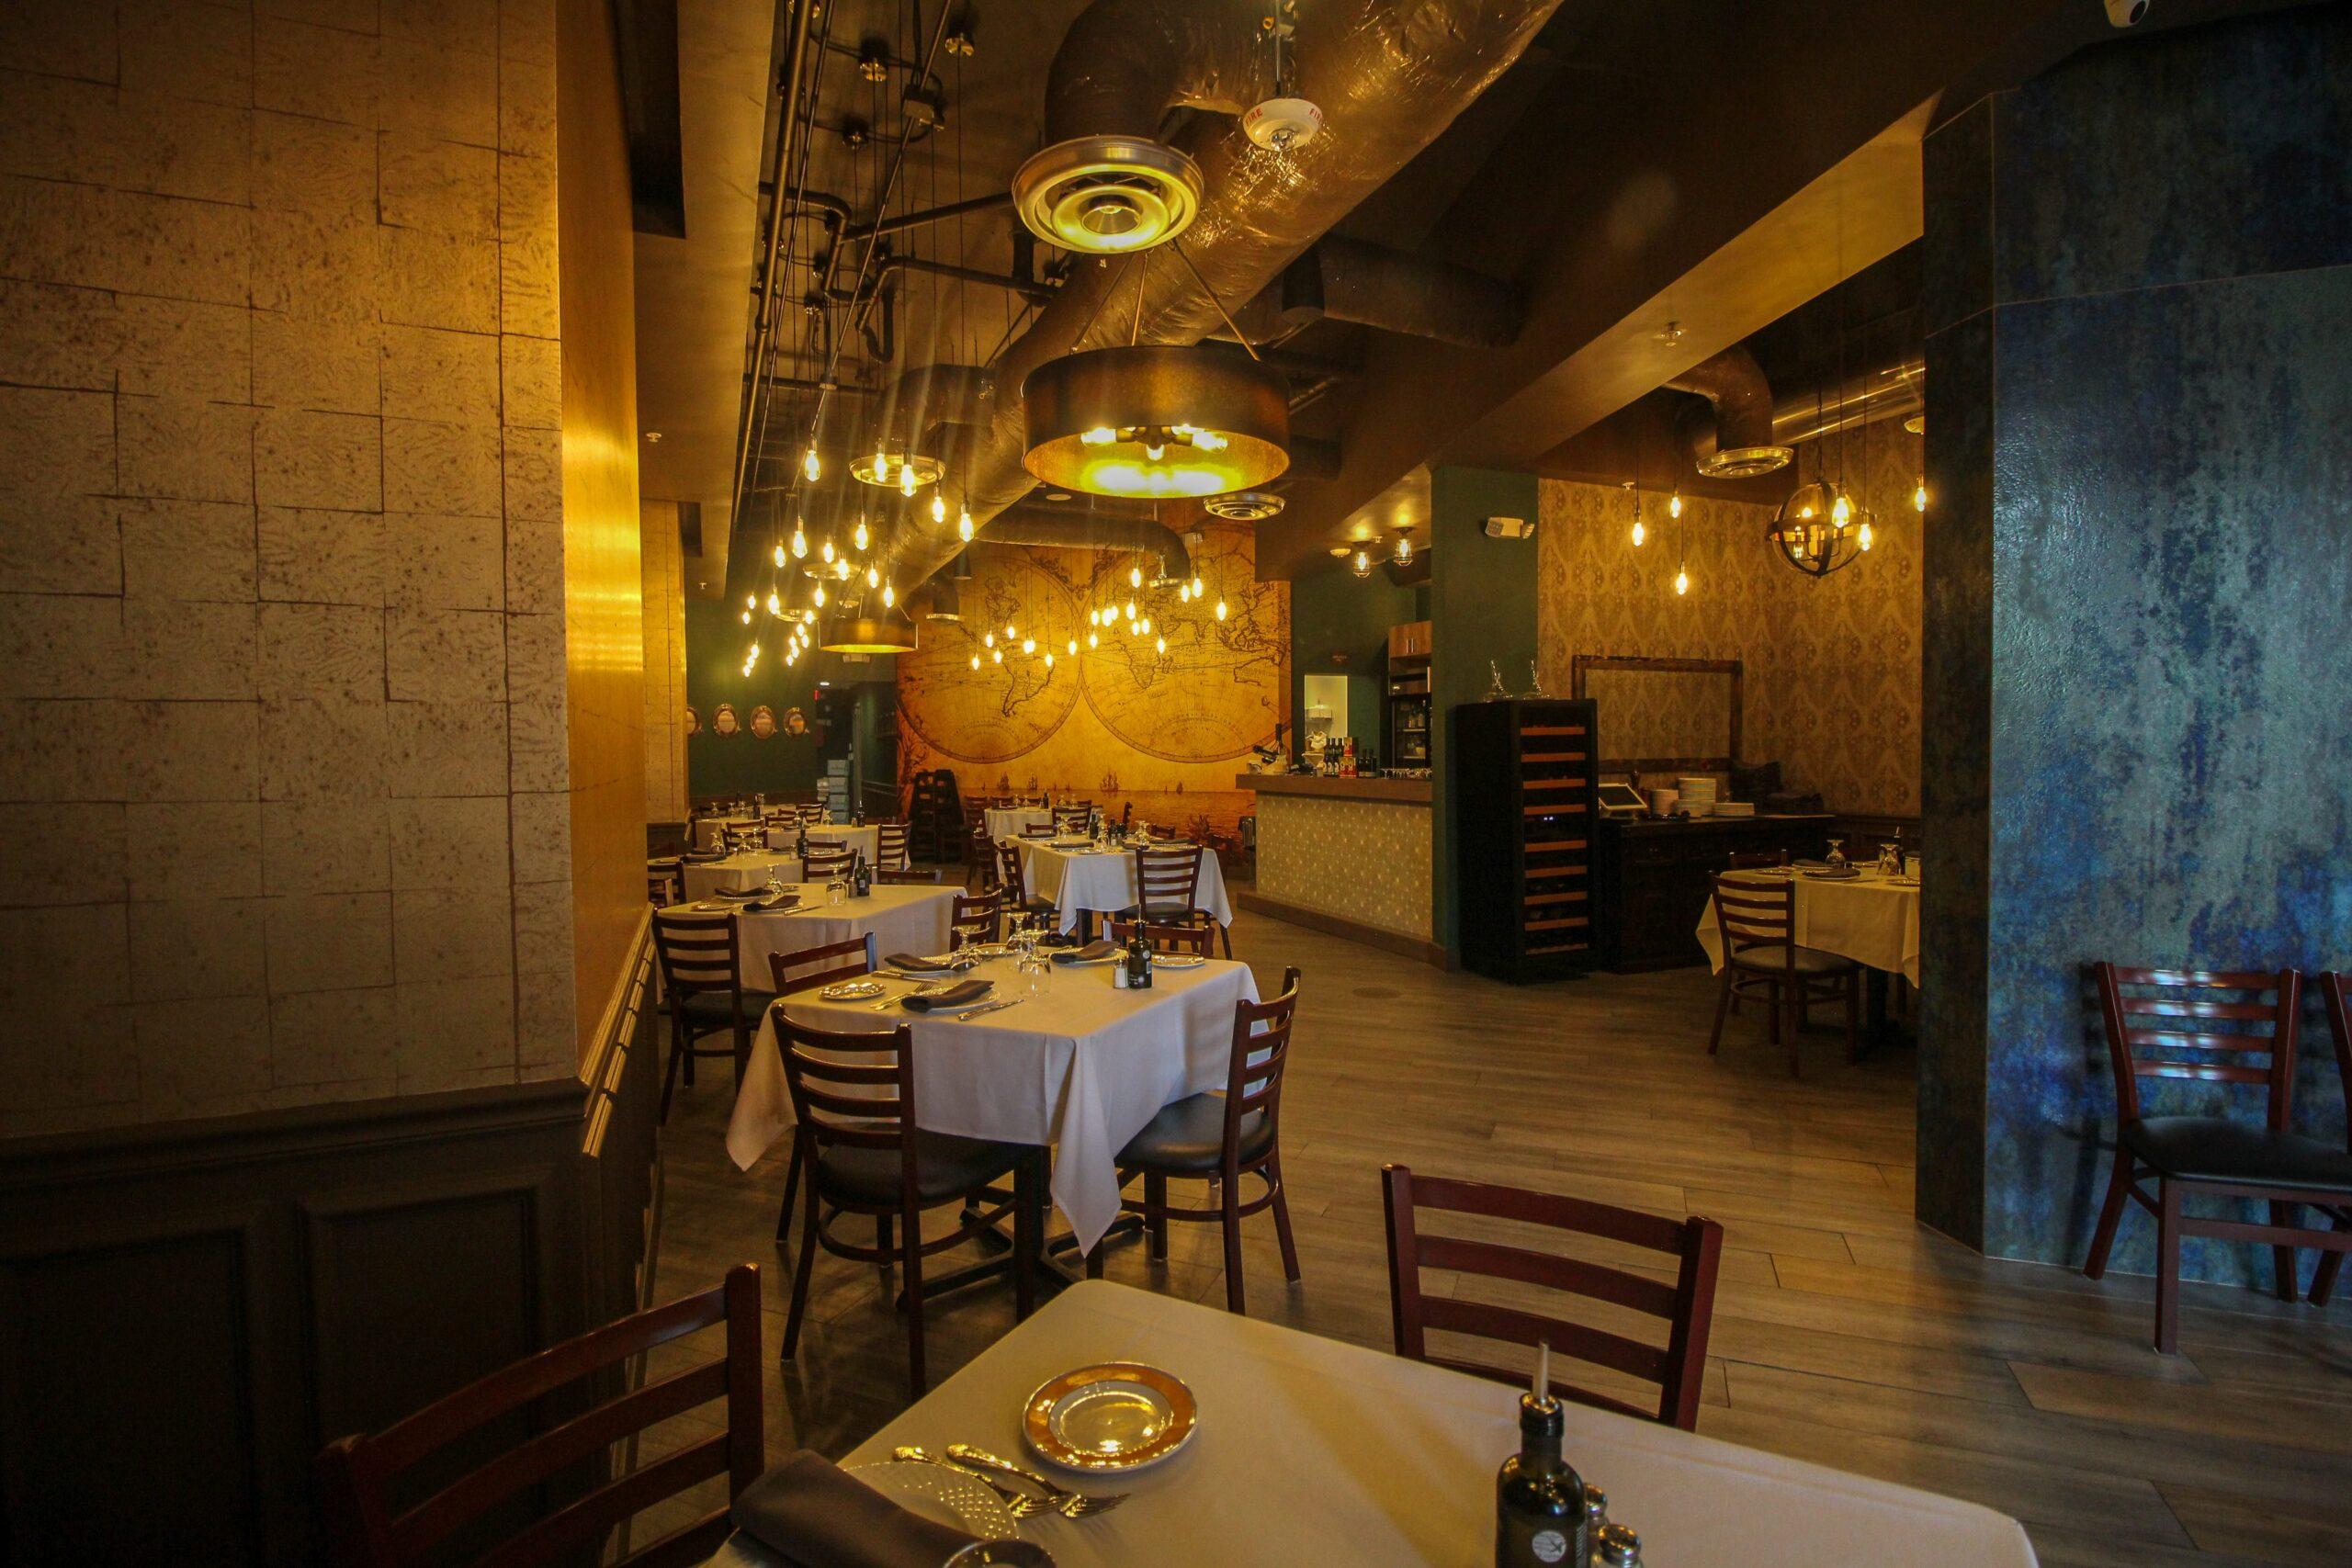 Portuguese restaurant interior design